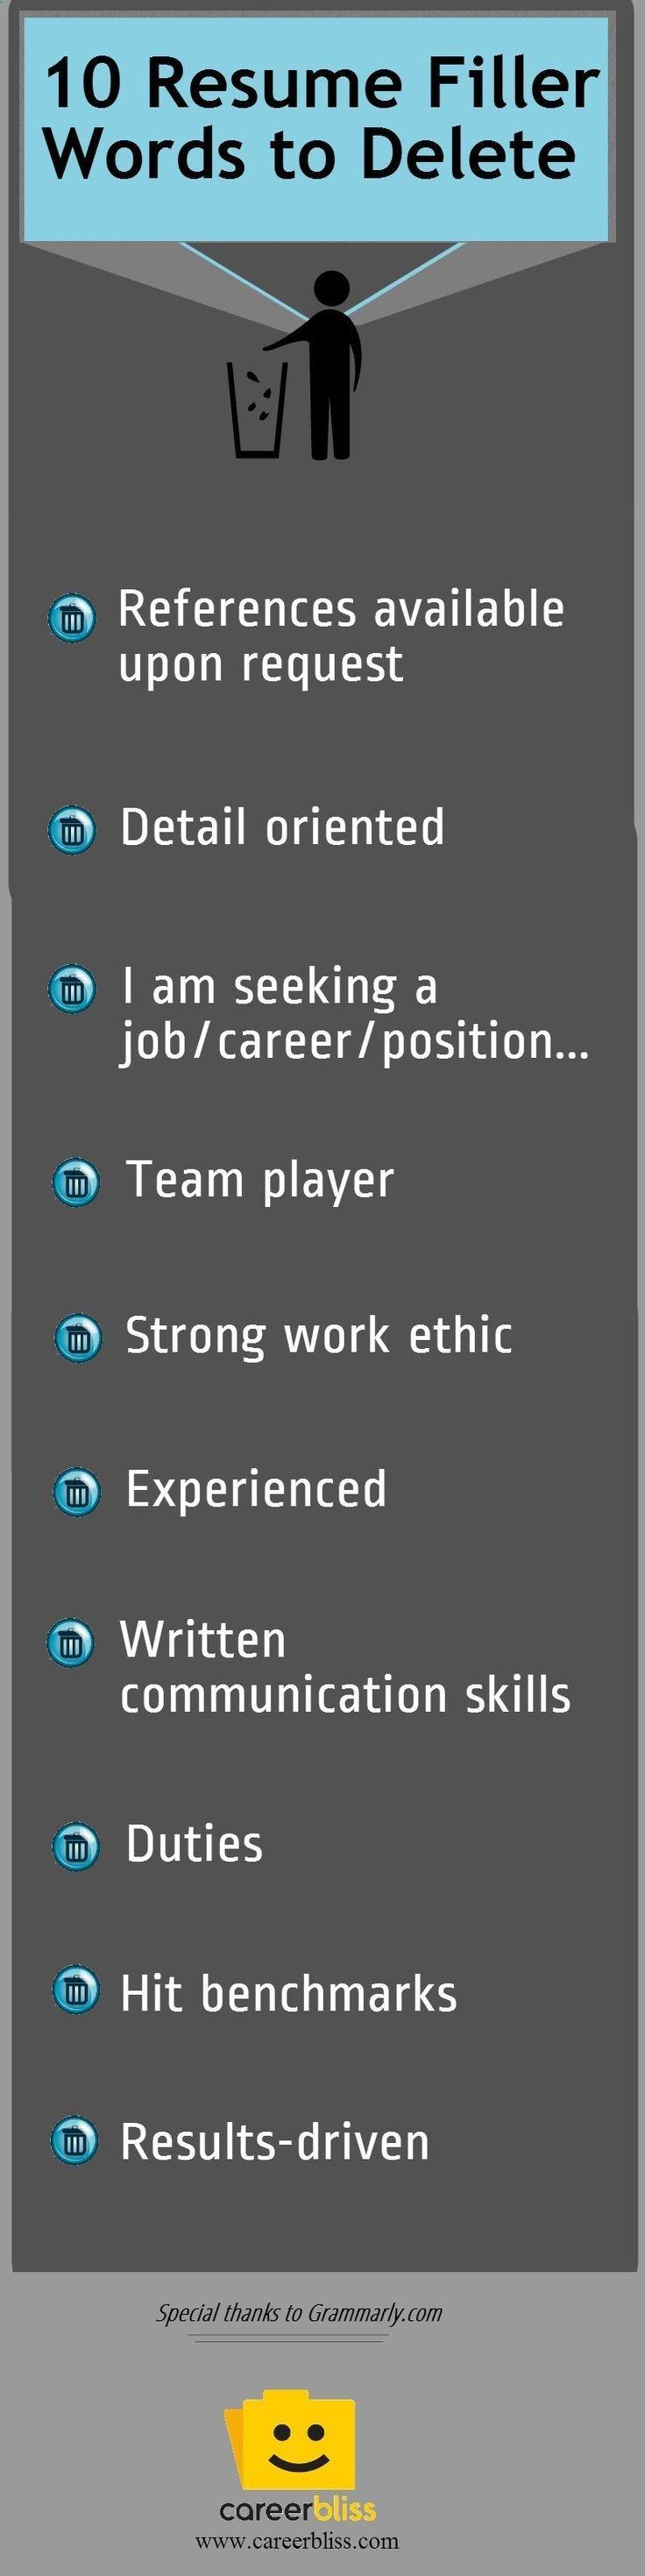 Resume Tips Toss these Resume Filler Words